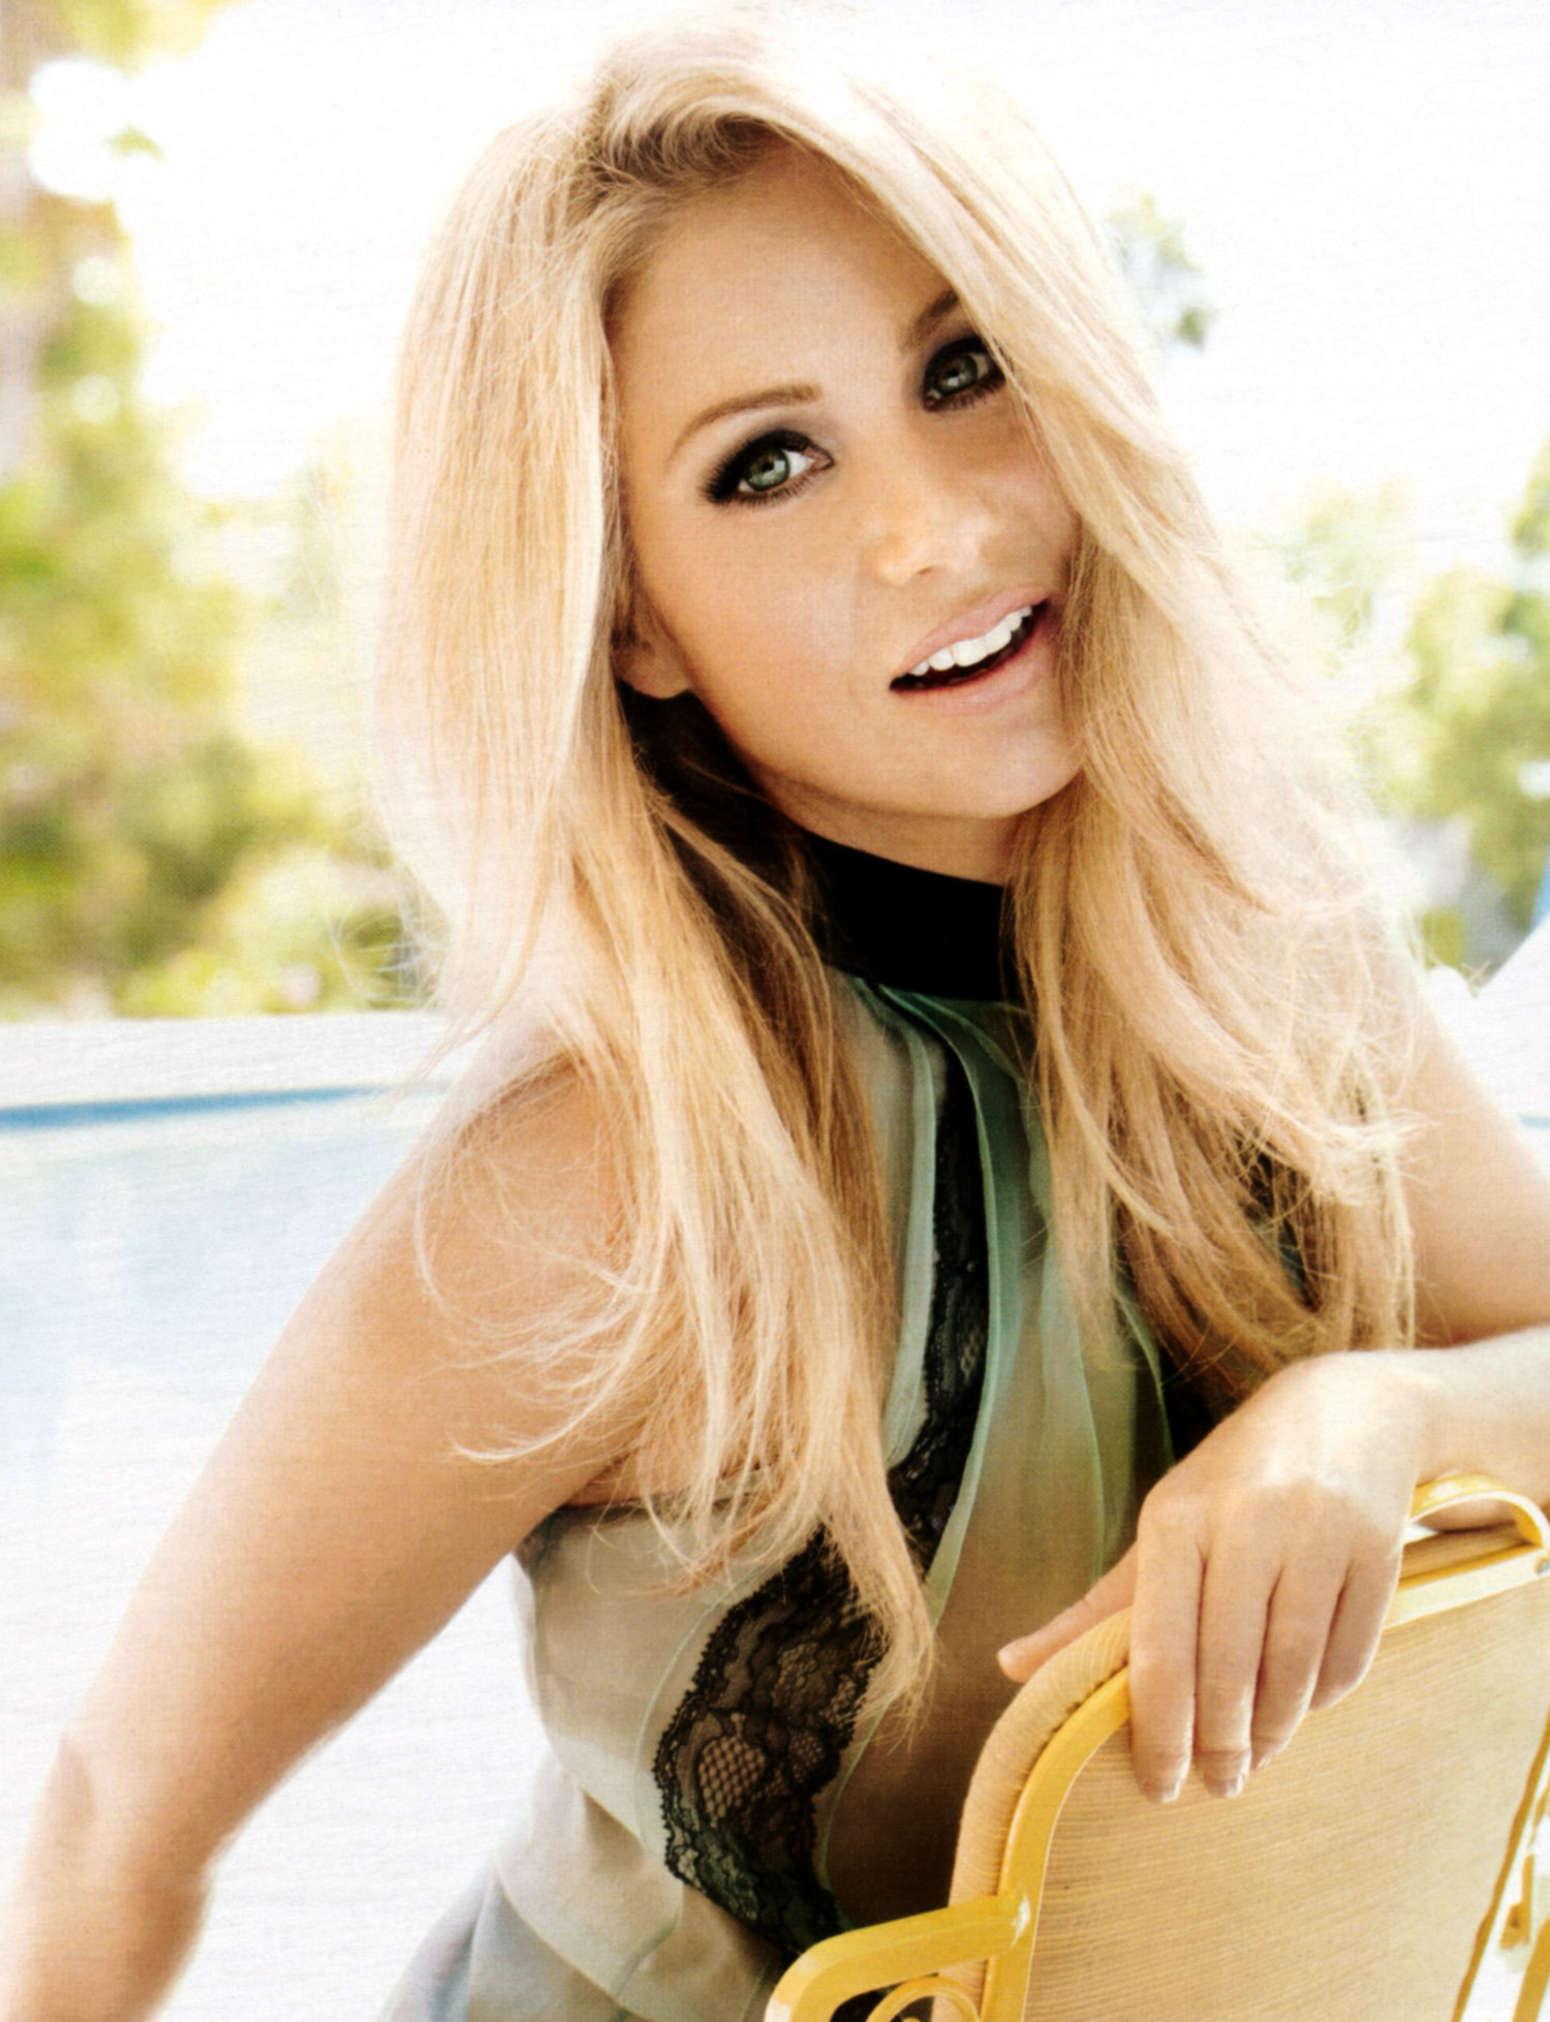 More Magazine November 2014 Issue: Christina Applegate